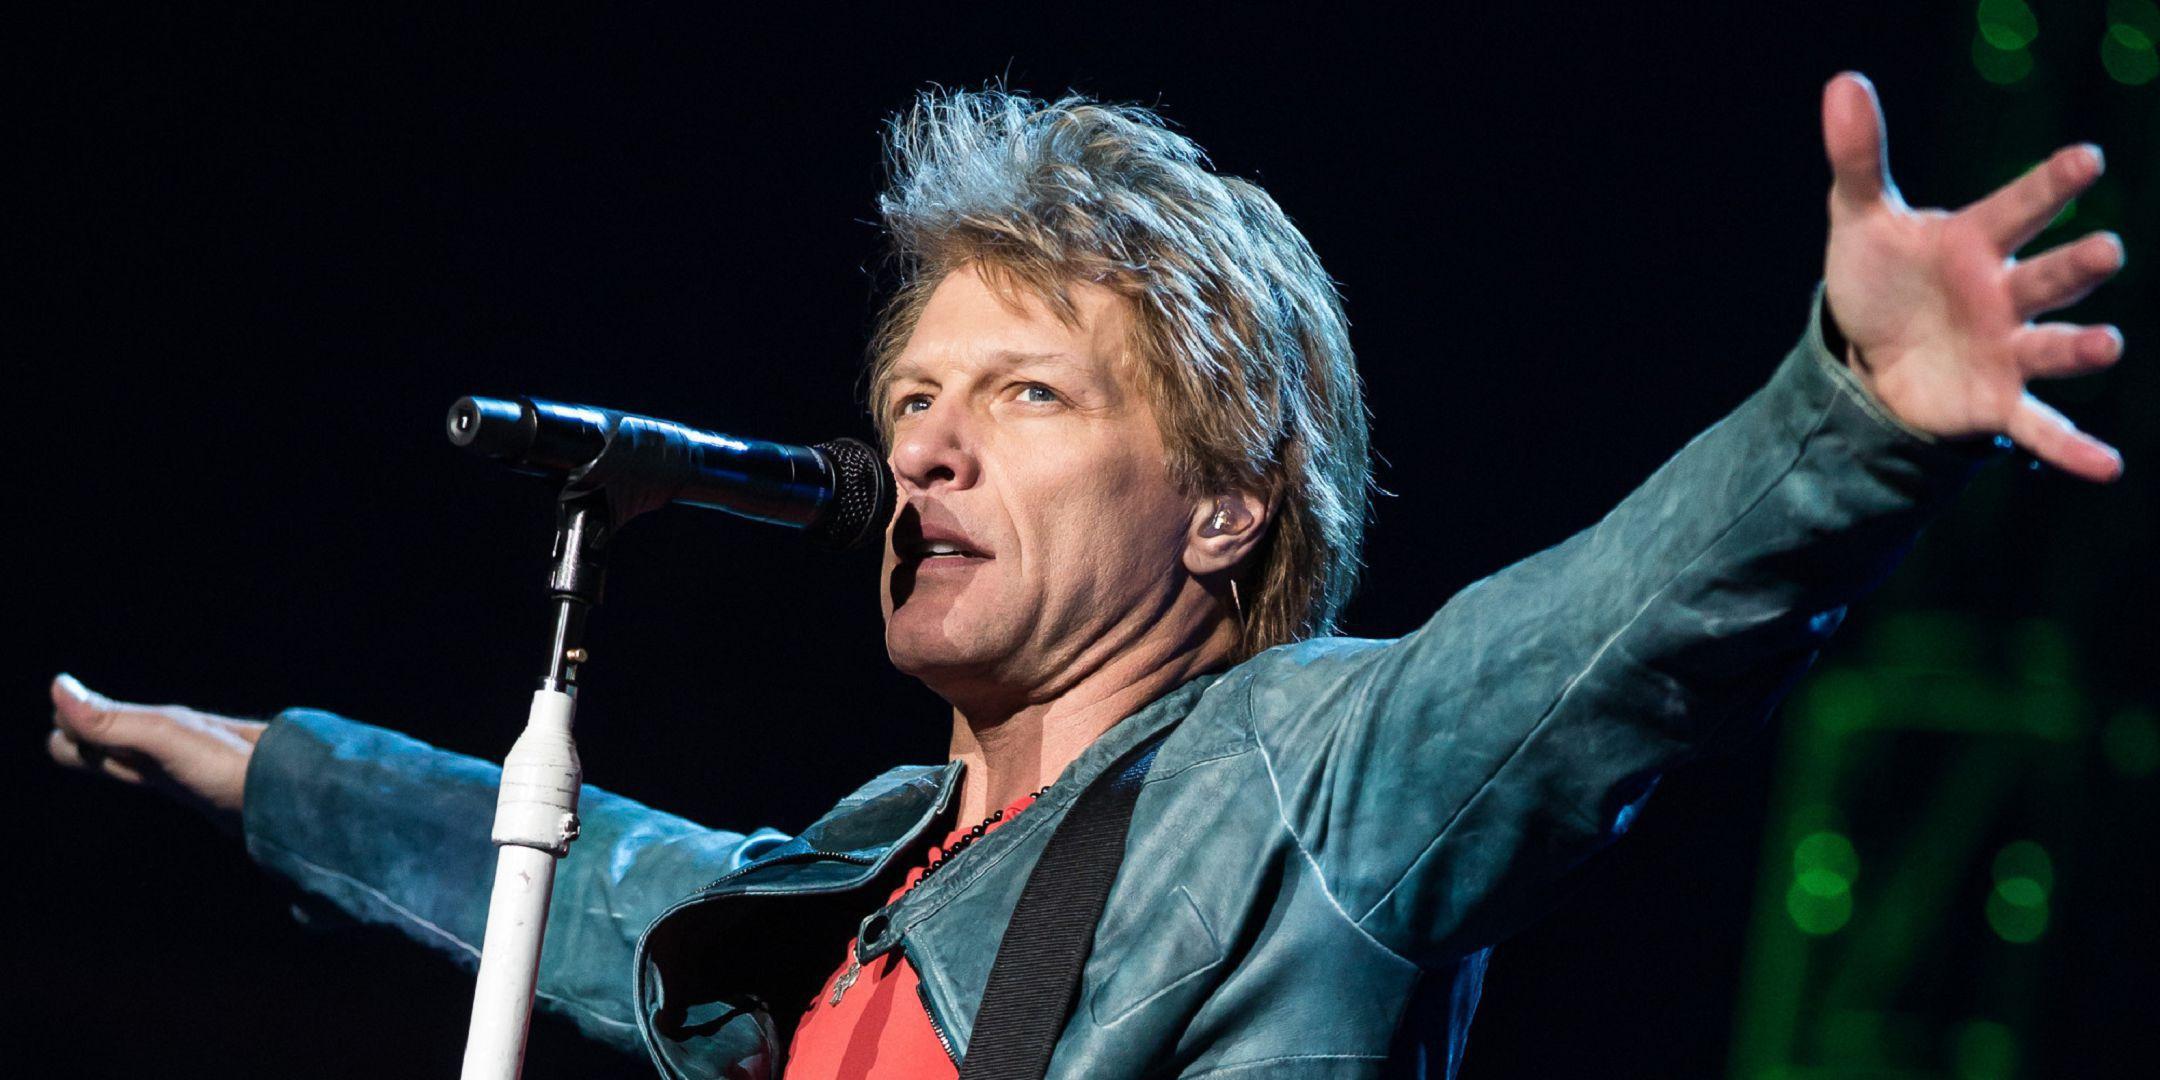 Bon Jovi Hd